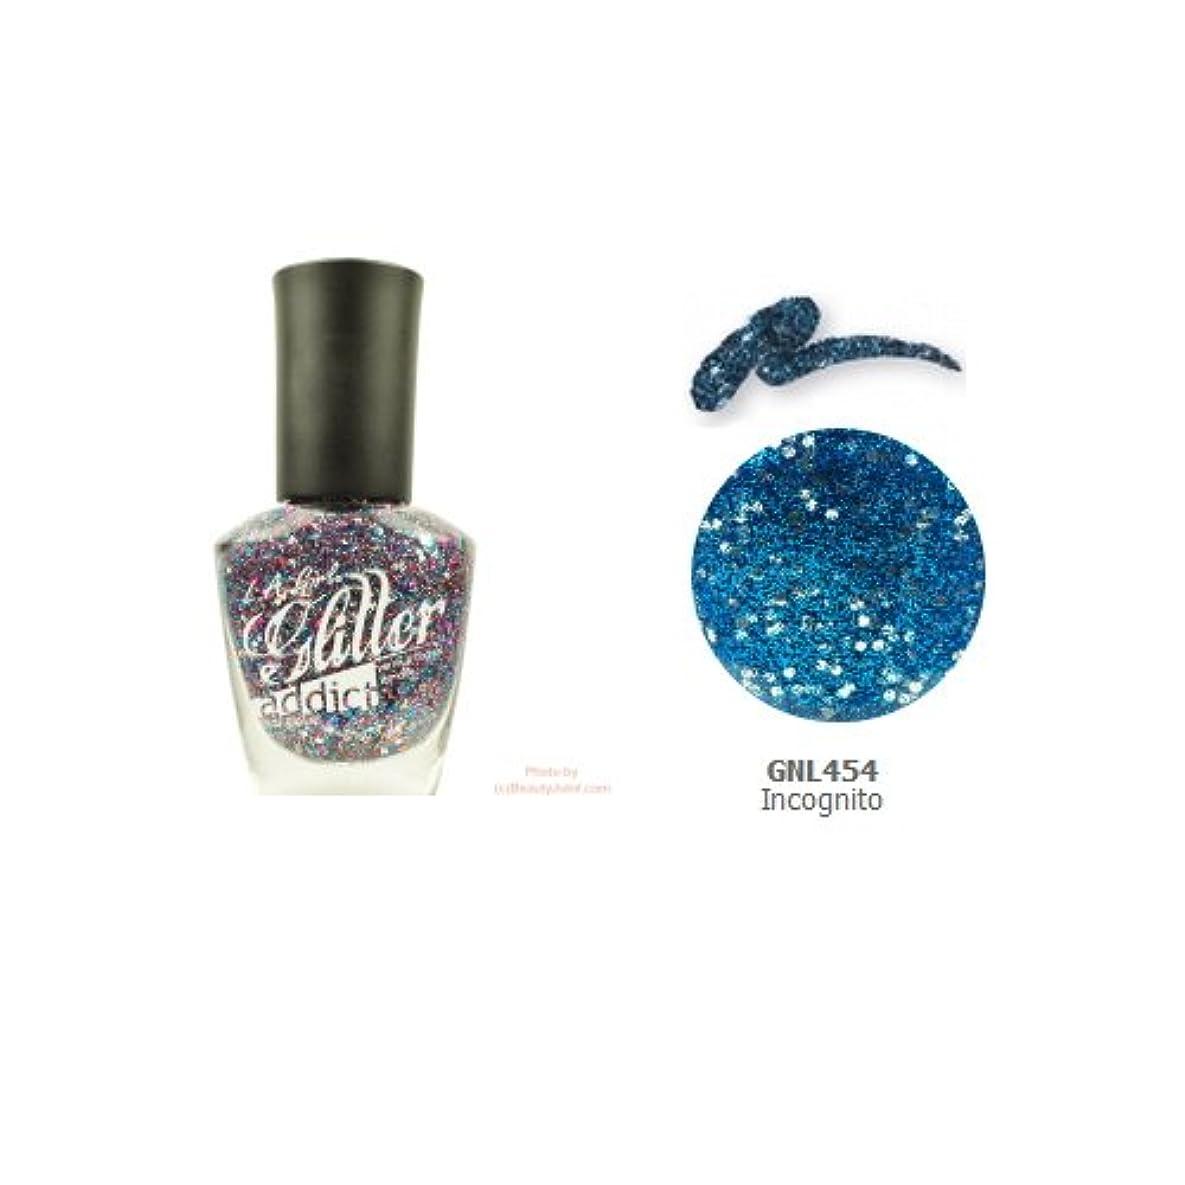 懲らしめ前進エーカー(6 Pack) LA GIRL Glitter Addict Polish - Incognito (並行輸入品)